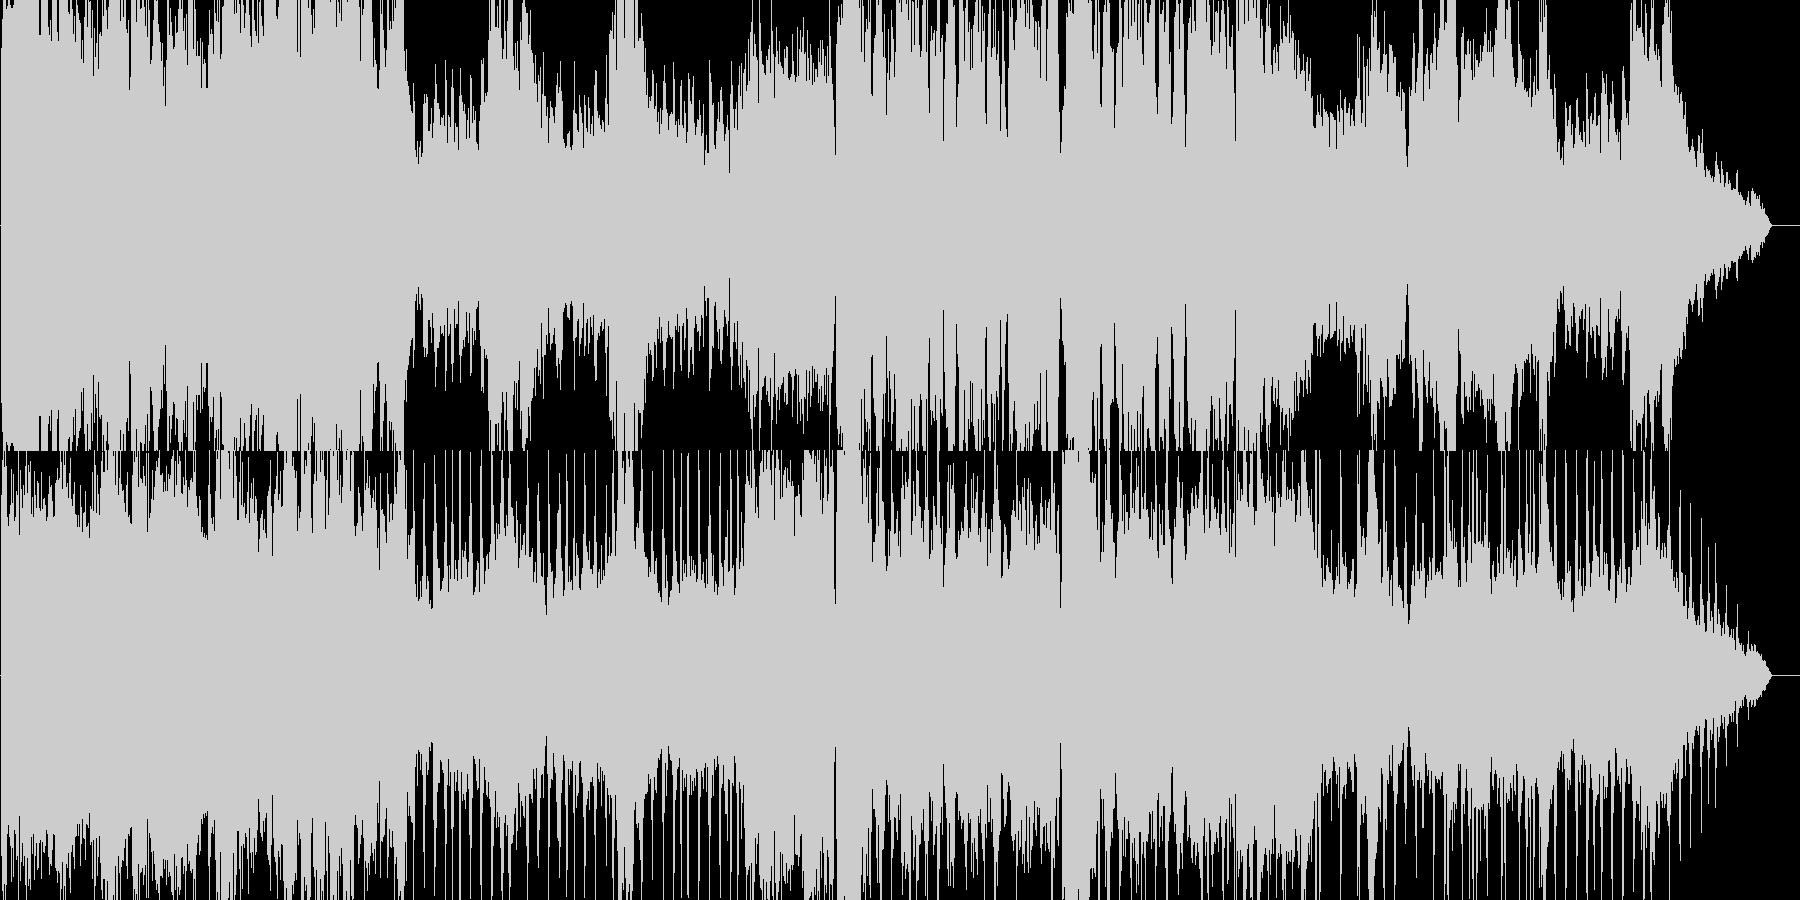 オーケストラのボスバトル曲の未再生の波形